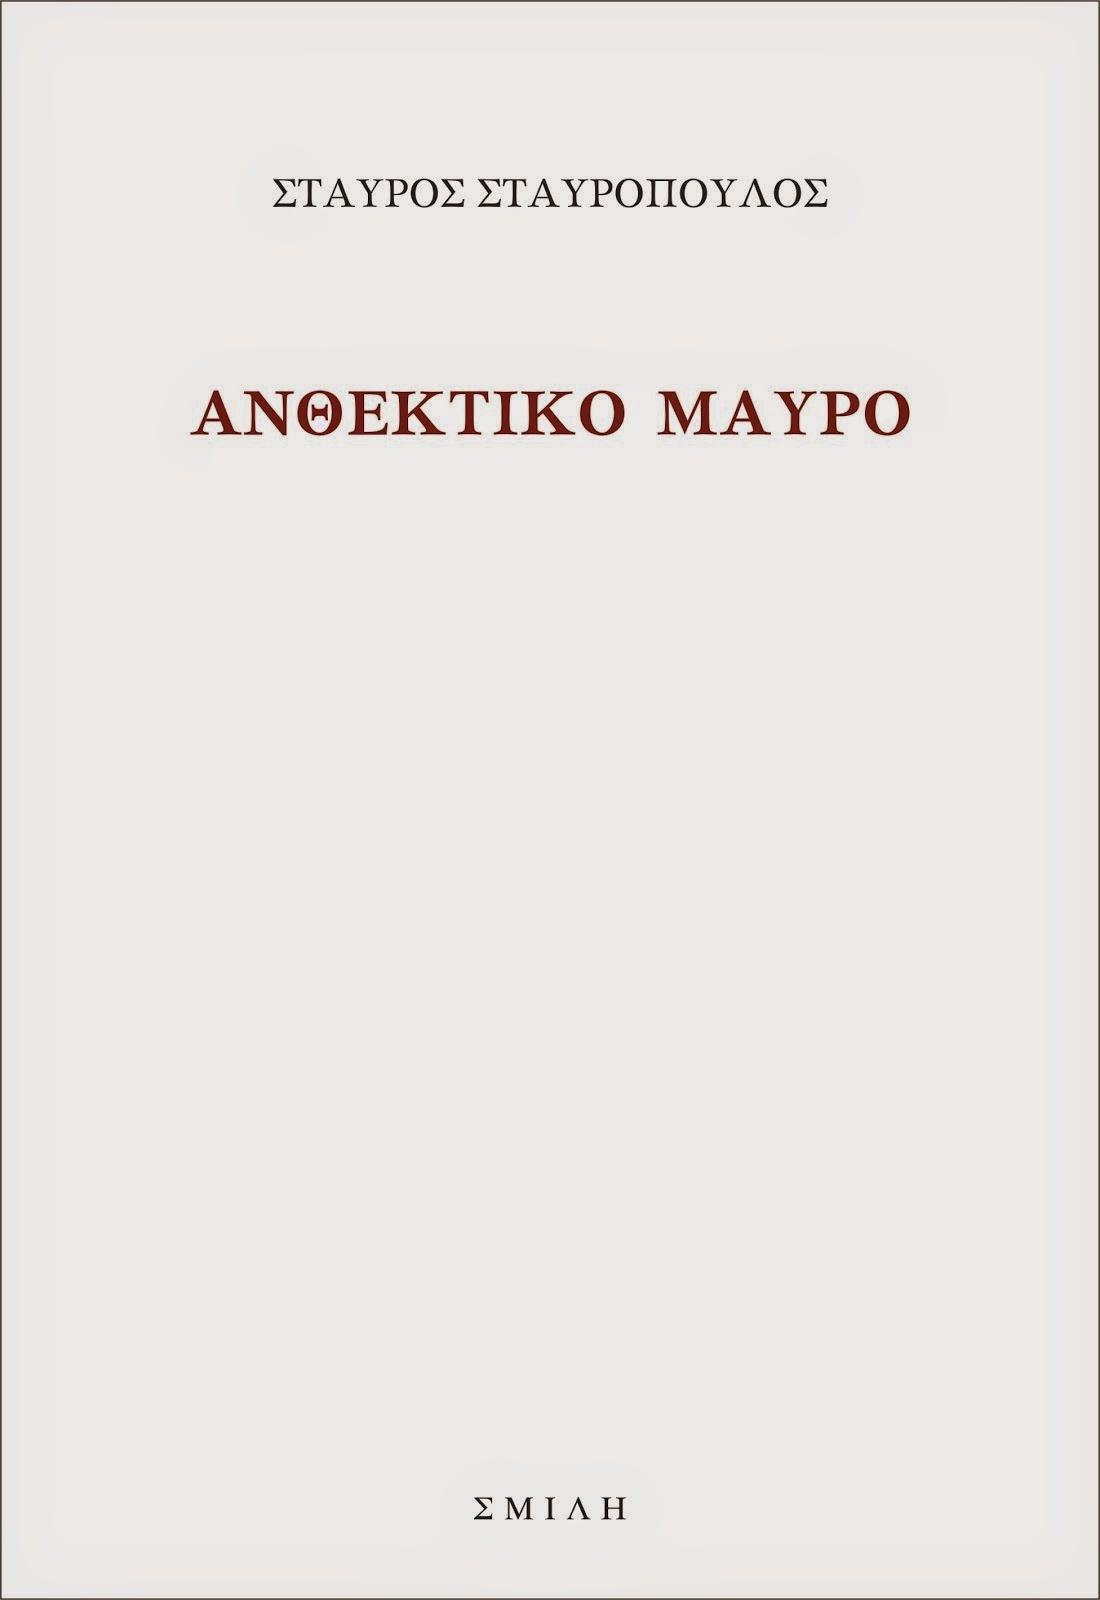 ΑΝΘΕΚΤΙΚΟ ΜΑΥΡΟ